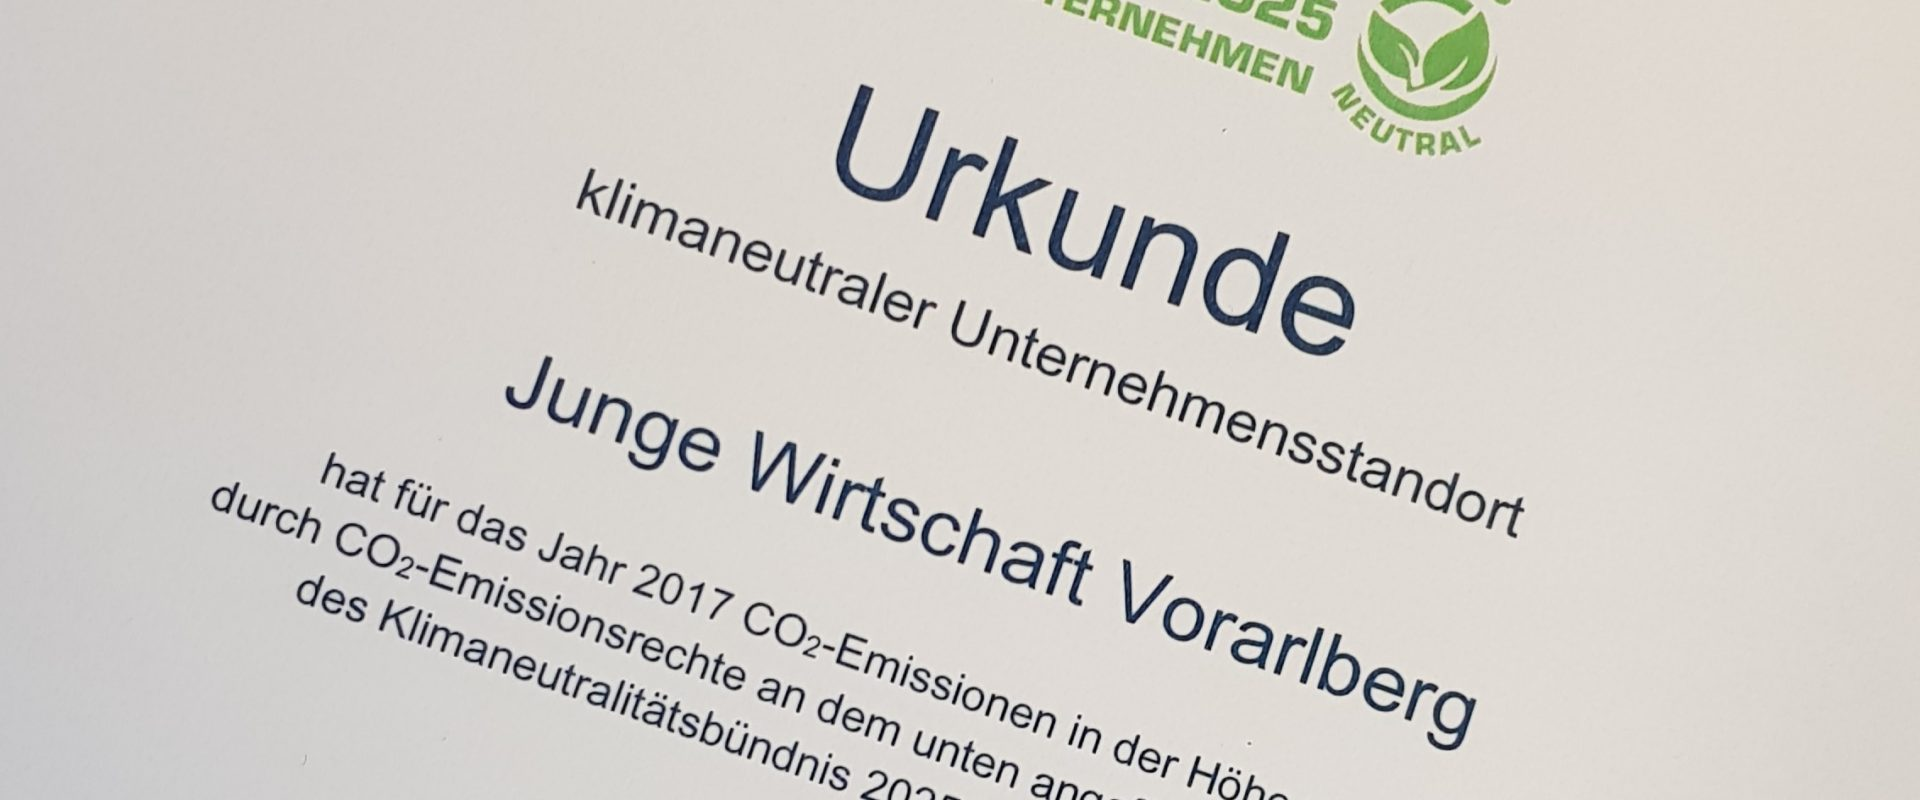 Klimaneutralitätsbündnis 2025: Junge Wirtschaft Vorarlberg erneut zertifiziert